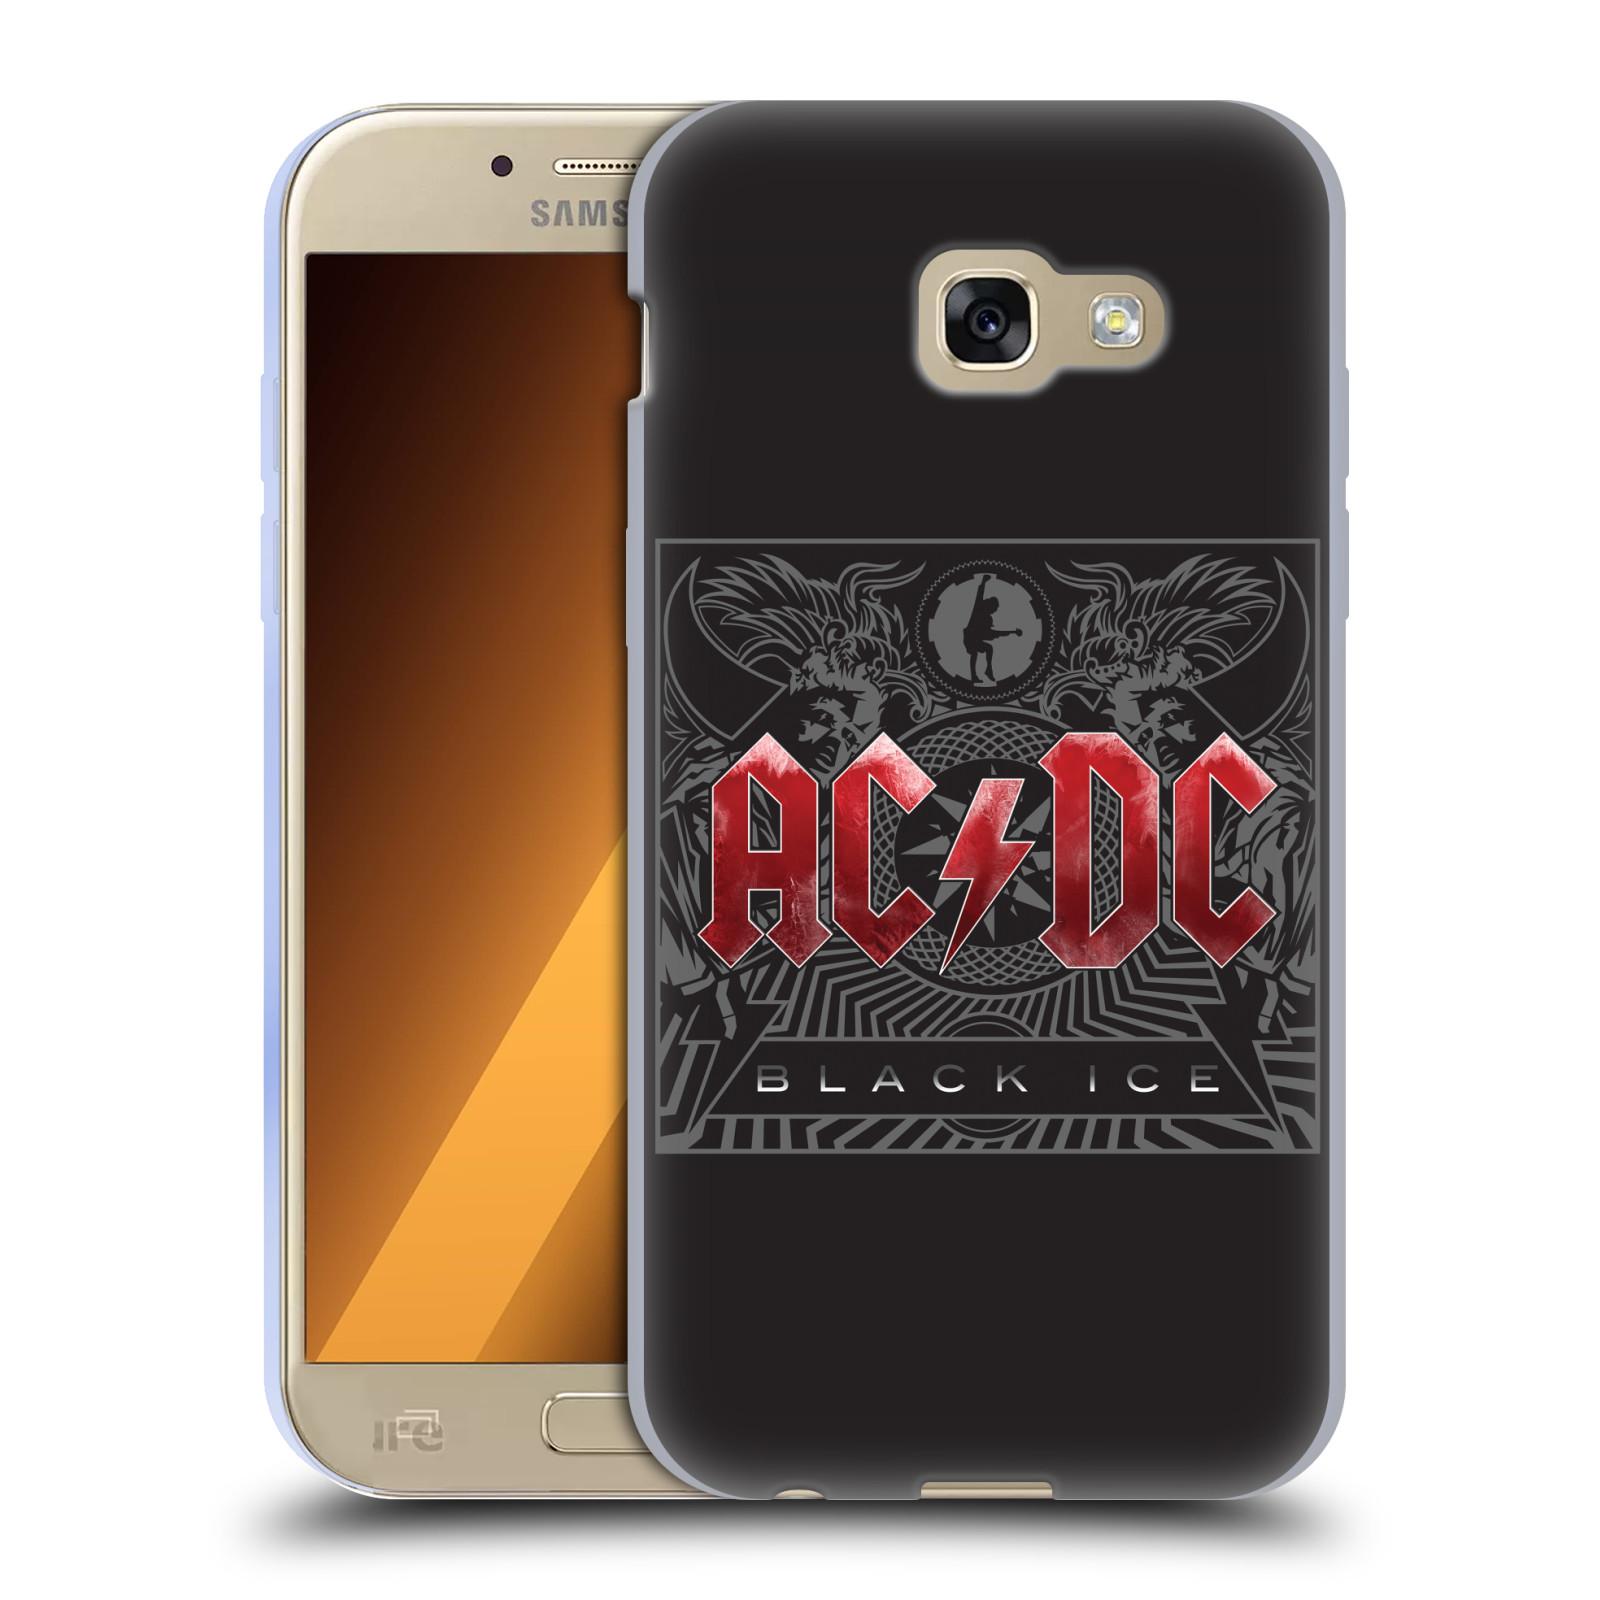 Silikonové pouzdro na mobil Samsung Galaxy A5 (2017) HEAD CASE AC/DC Black Ice (Silikonový kryt či obal na mobilní telefon s oficiálním motivem australské skupiny AC/DC pro Samsung Galaxy A5 2017 SM-A520)